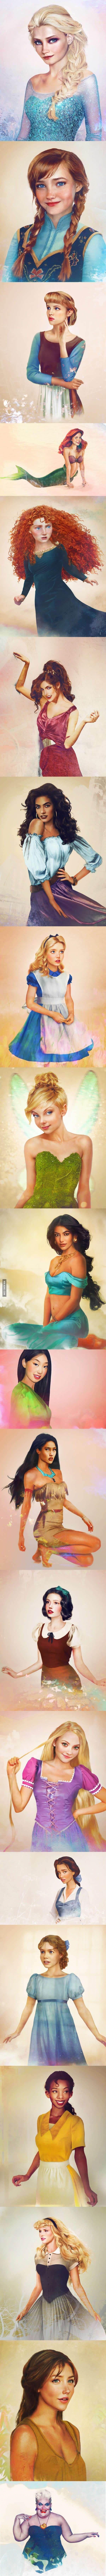 Gli Arcani Supremi (Vox clamantis in deserto - Gothian): Le Principesse Disney col viso di personaggi famos...